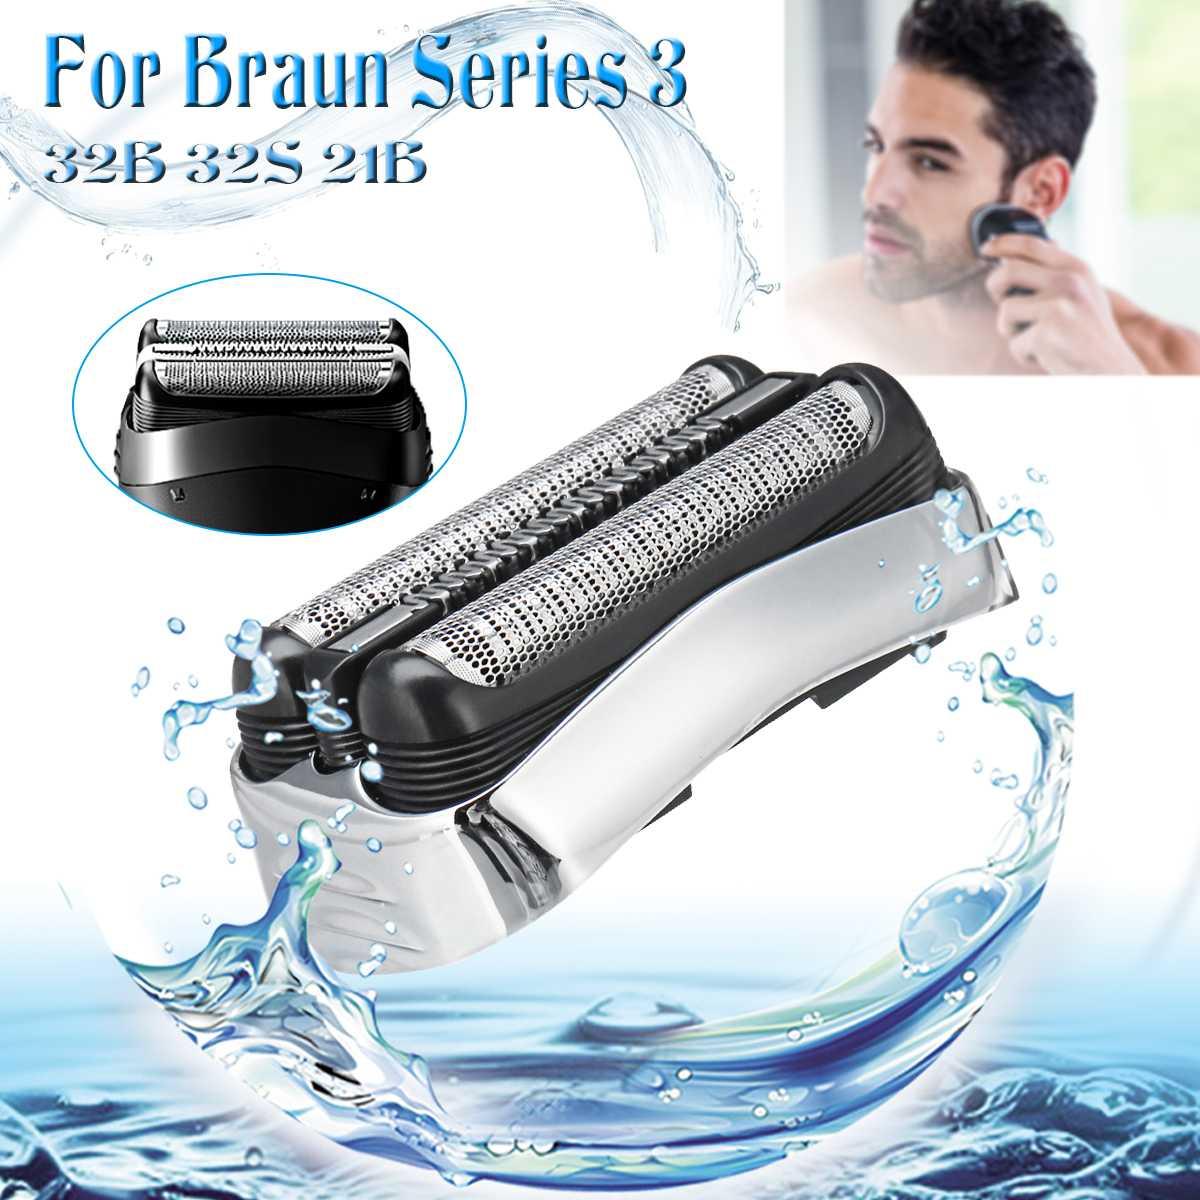 Tête de lame de rechange pour rasoir Braun 32B 32 S 21B 310 S 30000 S 350CC 370CC série 3 Cruzer6 tête de rasoir mâle argent